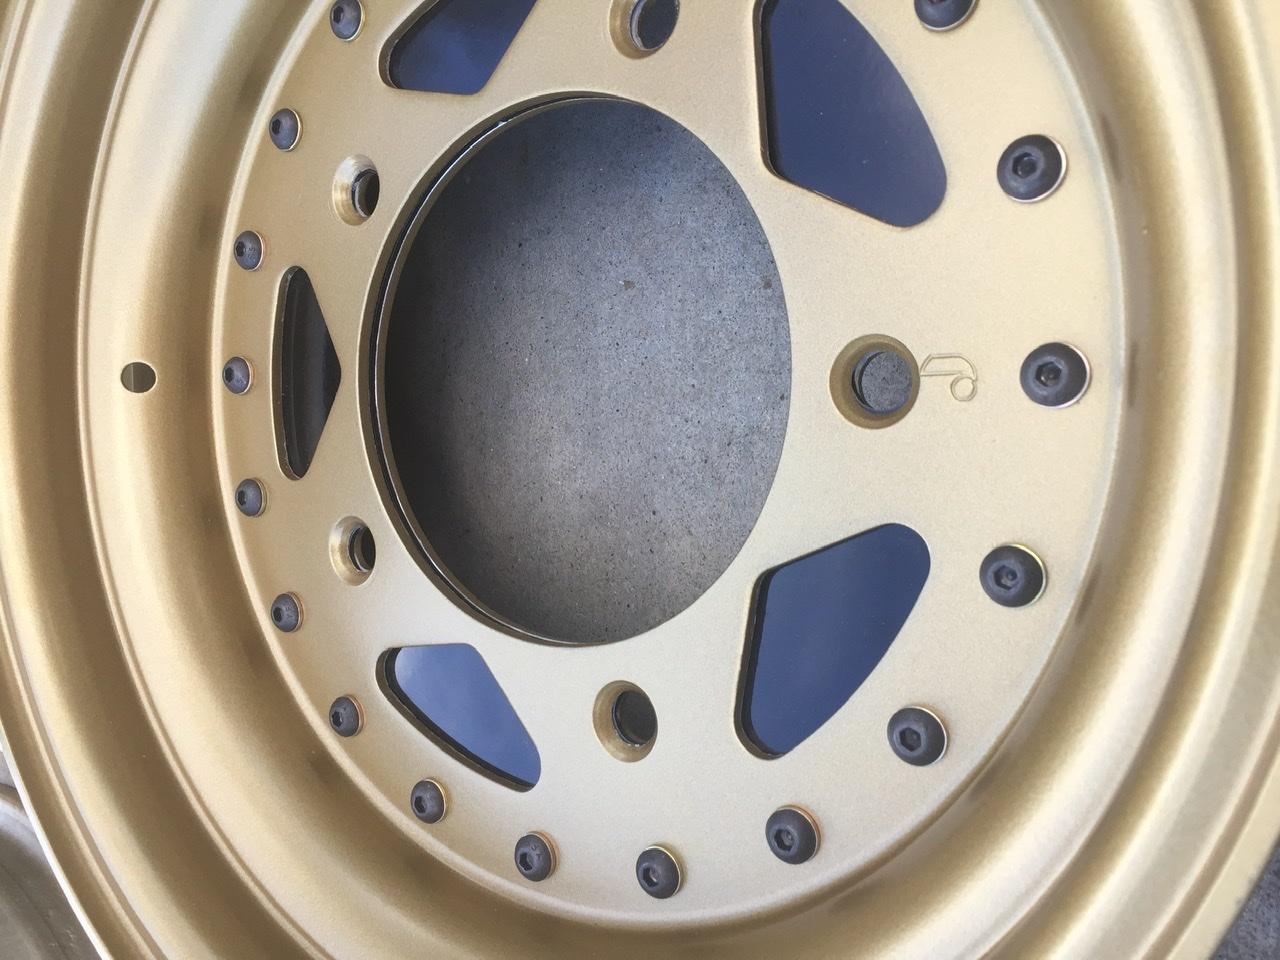 77141D0D-F30B-4F6A-826A-48308D3062B5.jpeg